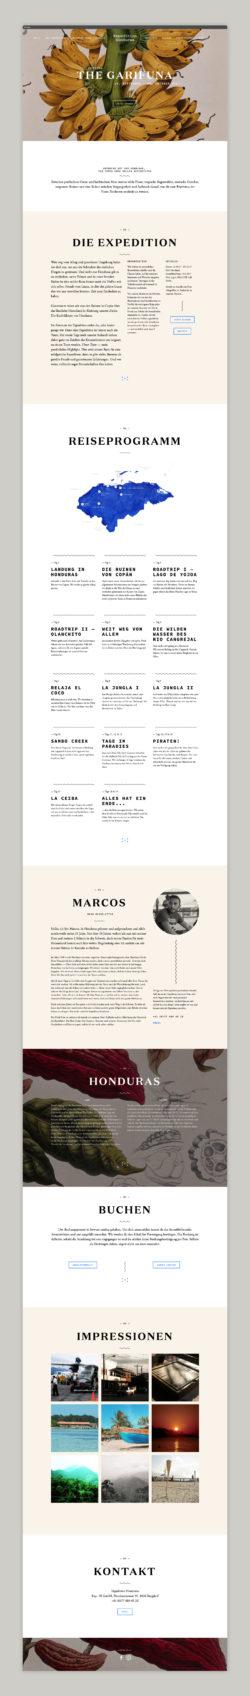 Bureau_Display_Graphic_Design_Visual_Communication_Lucerne_Zurich_Expedition_Honduras_16